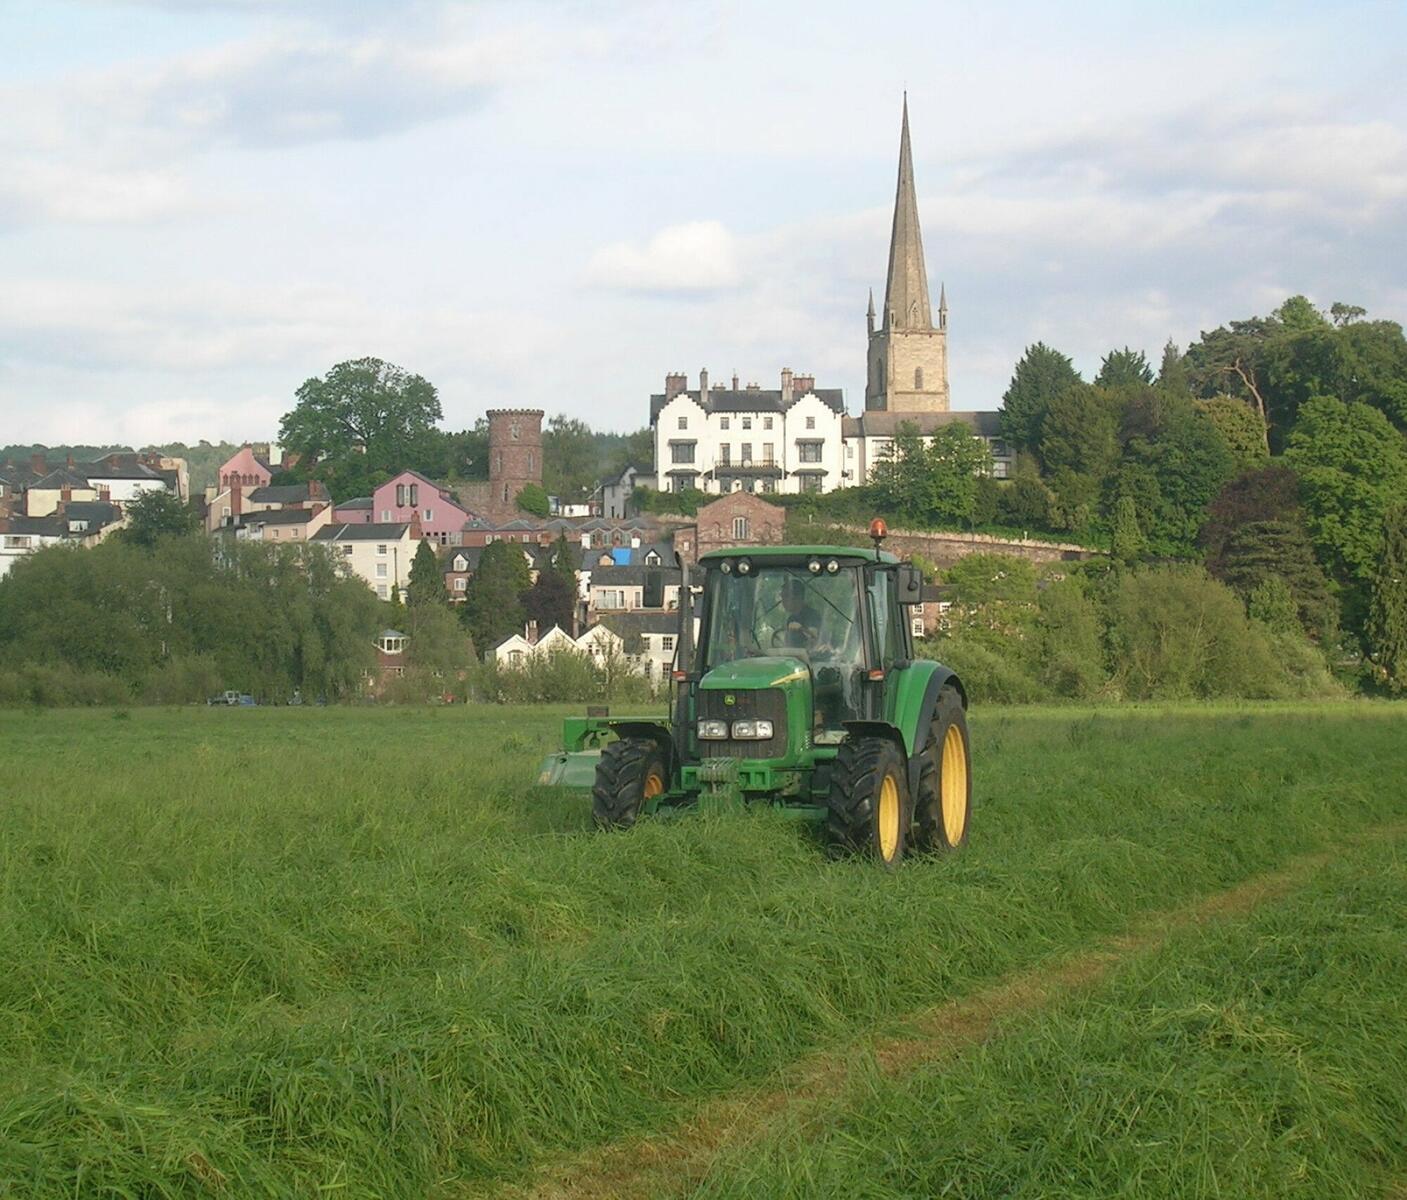 Oak Meadow with Ross on Wye